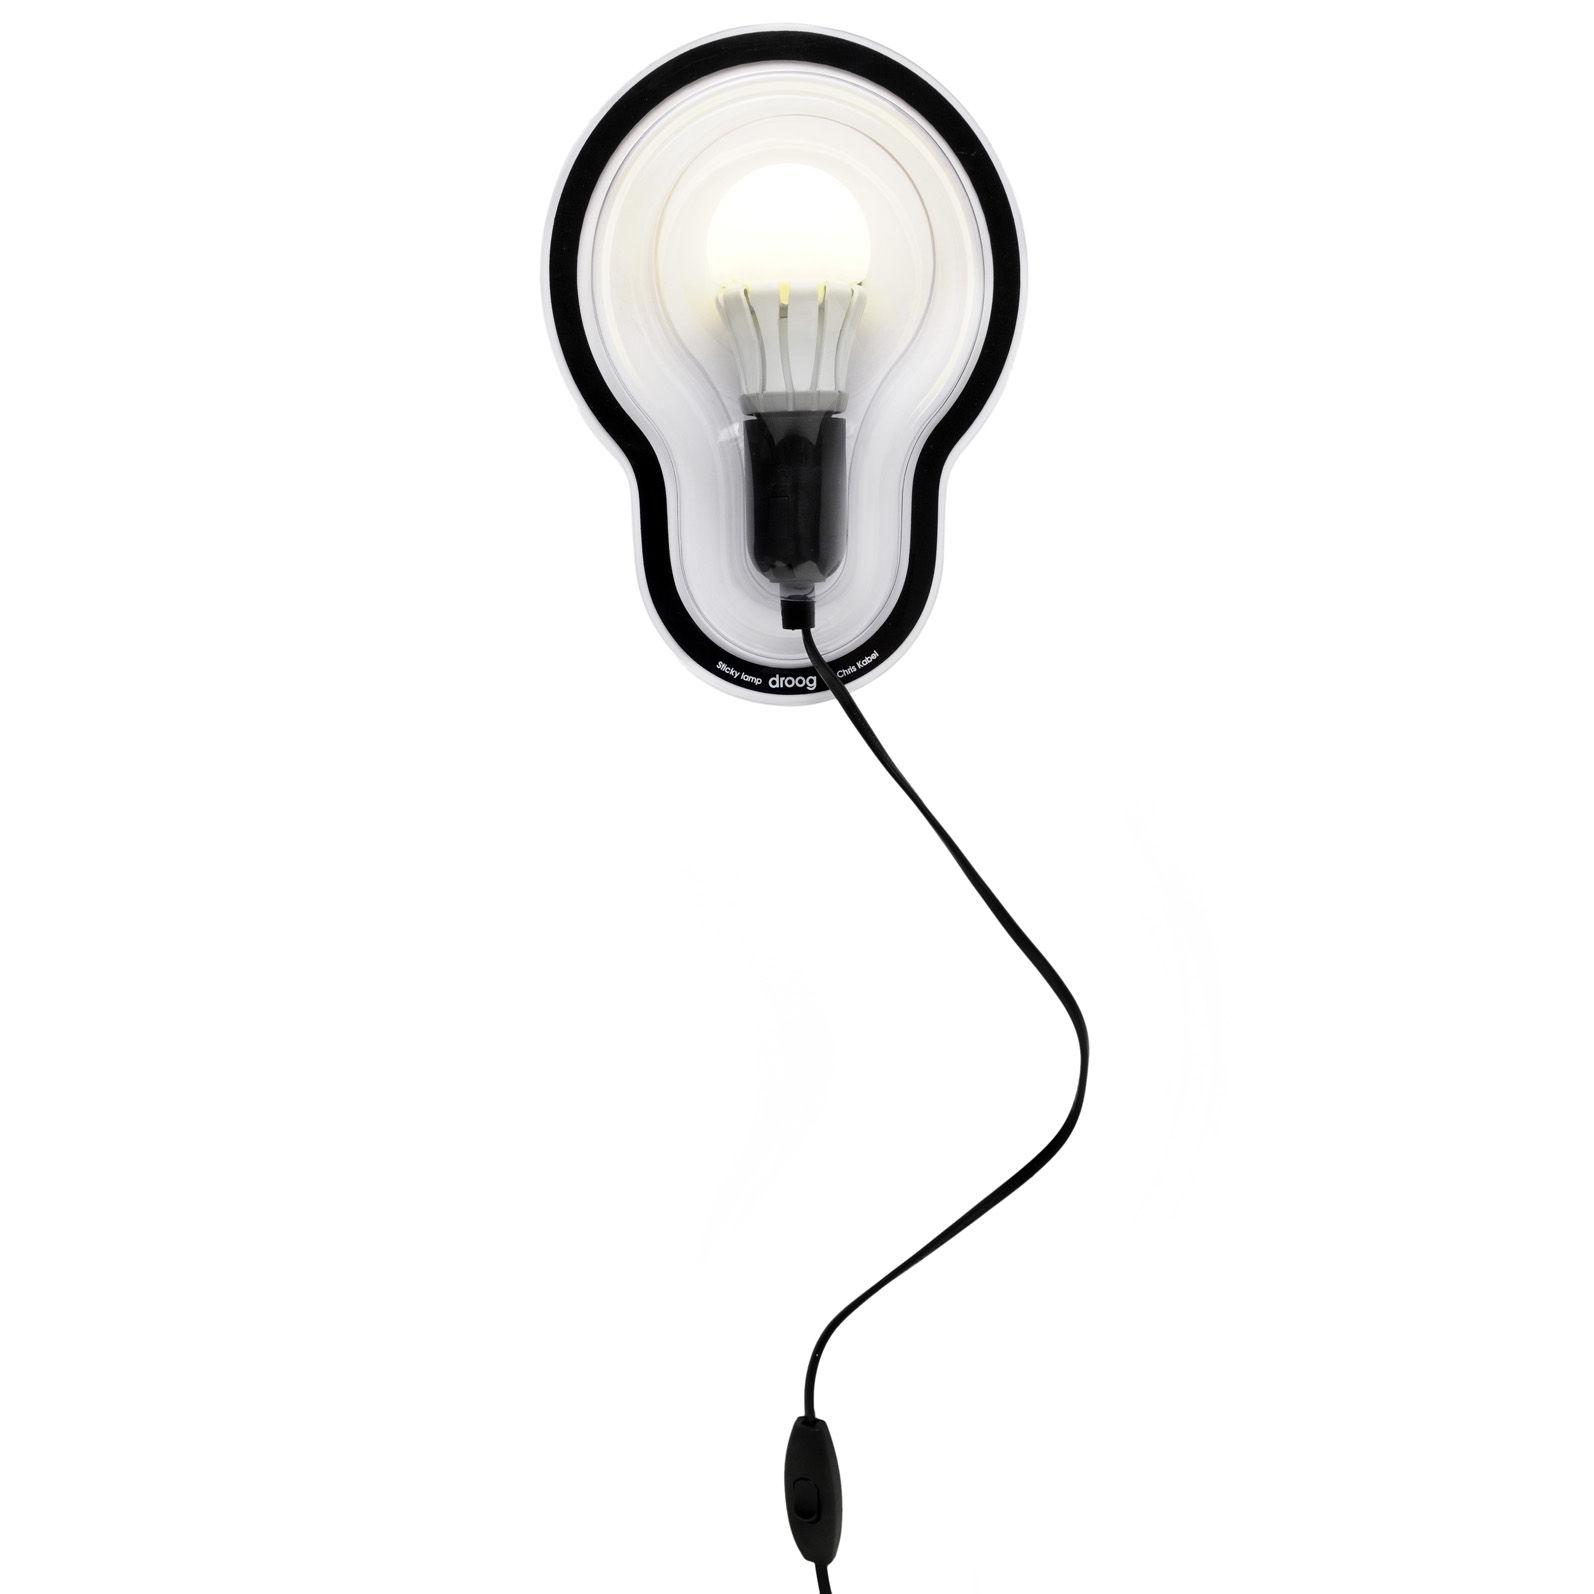 Leuchten - Wandleuchten - Sticky Lamps Wandleuchte Sticker - droog - Transparent - PVC